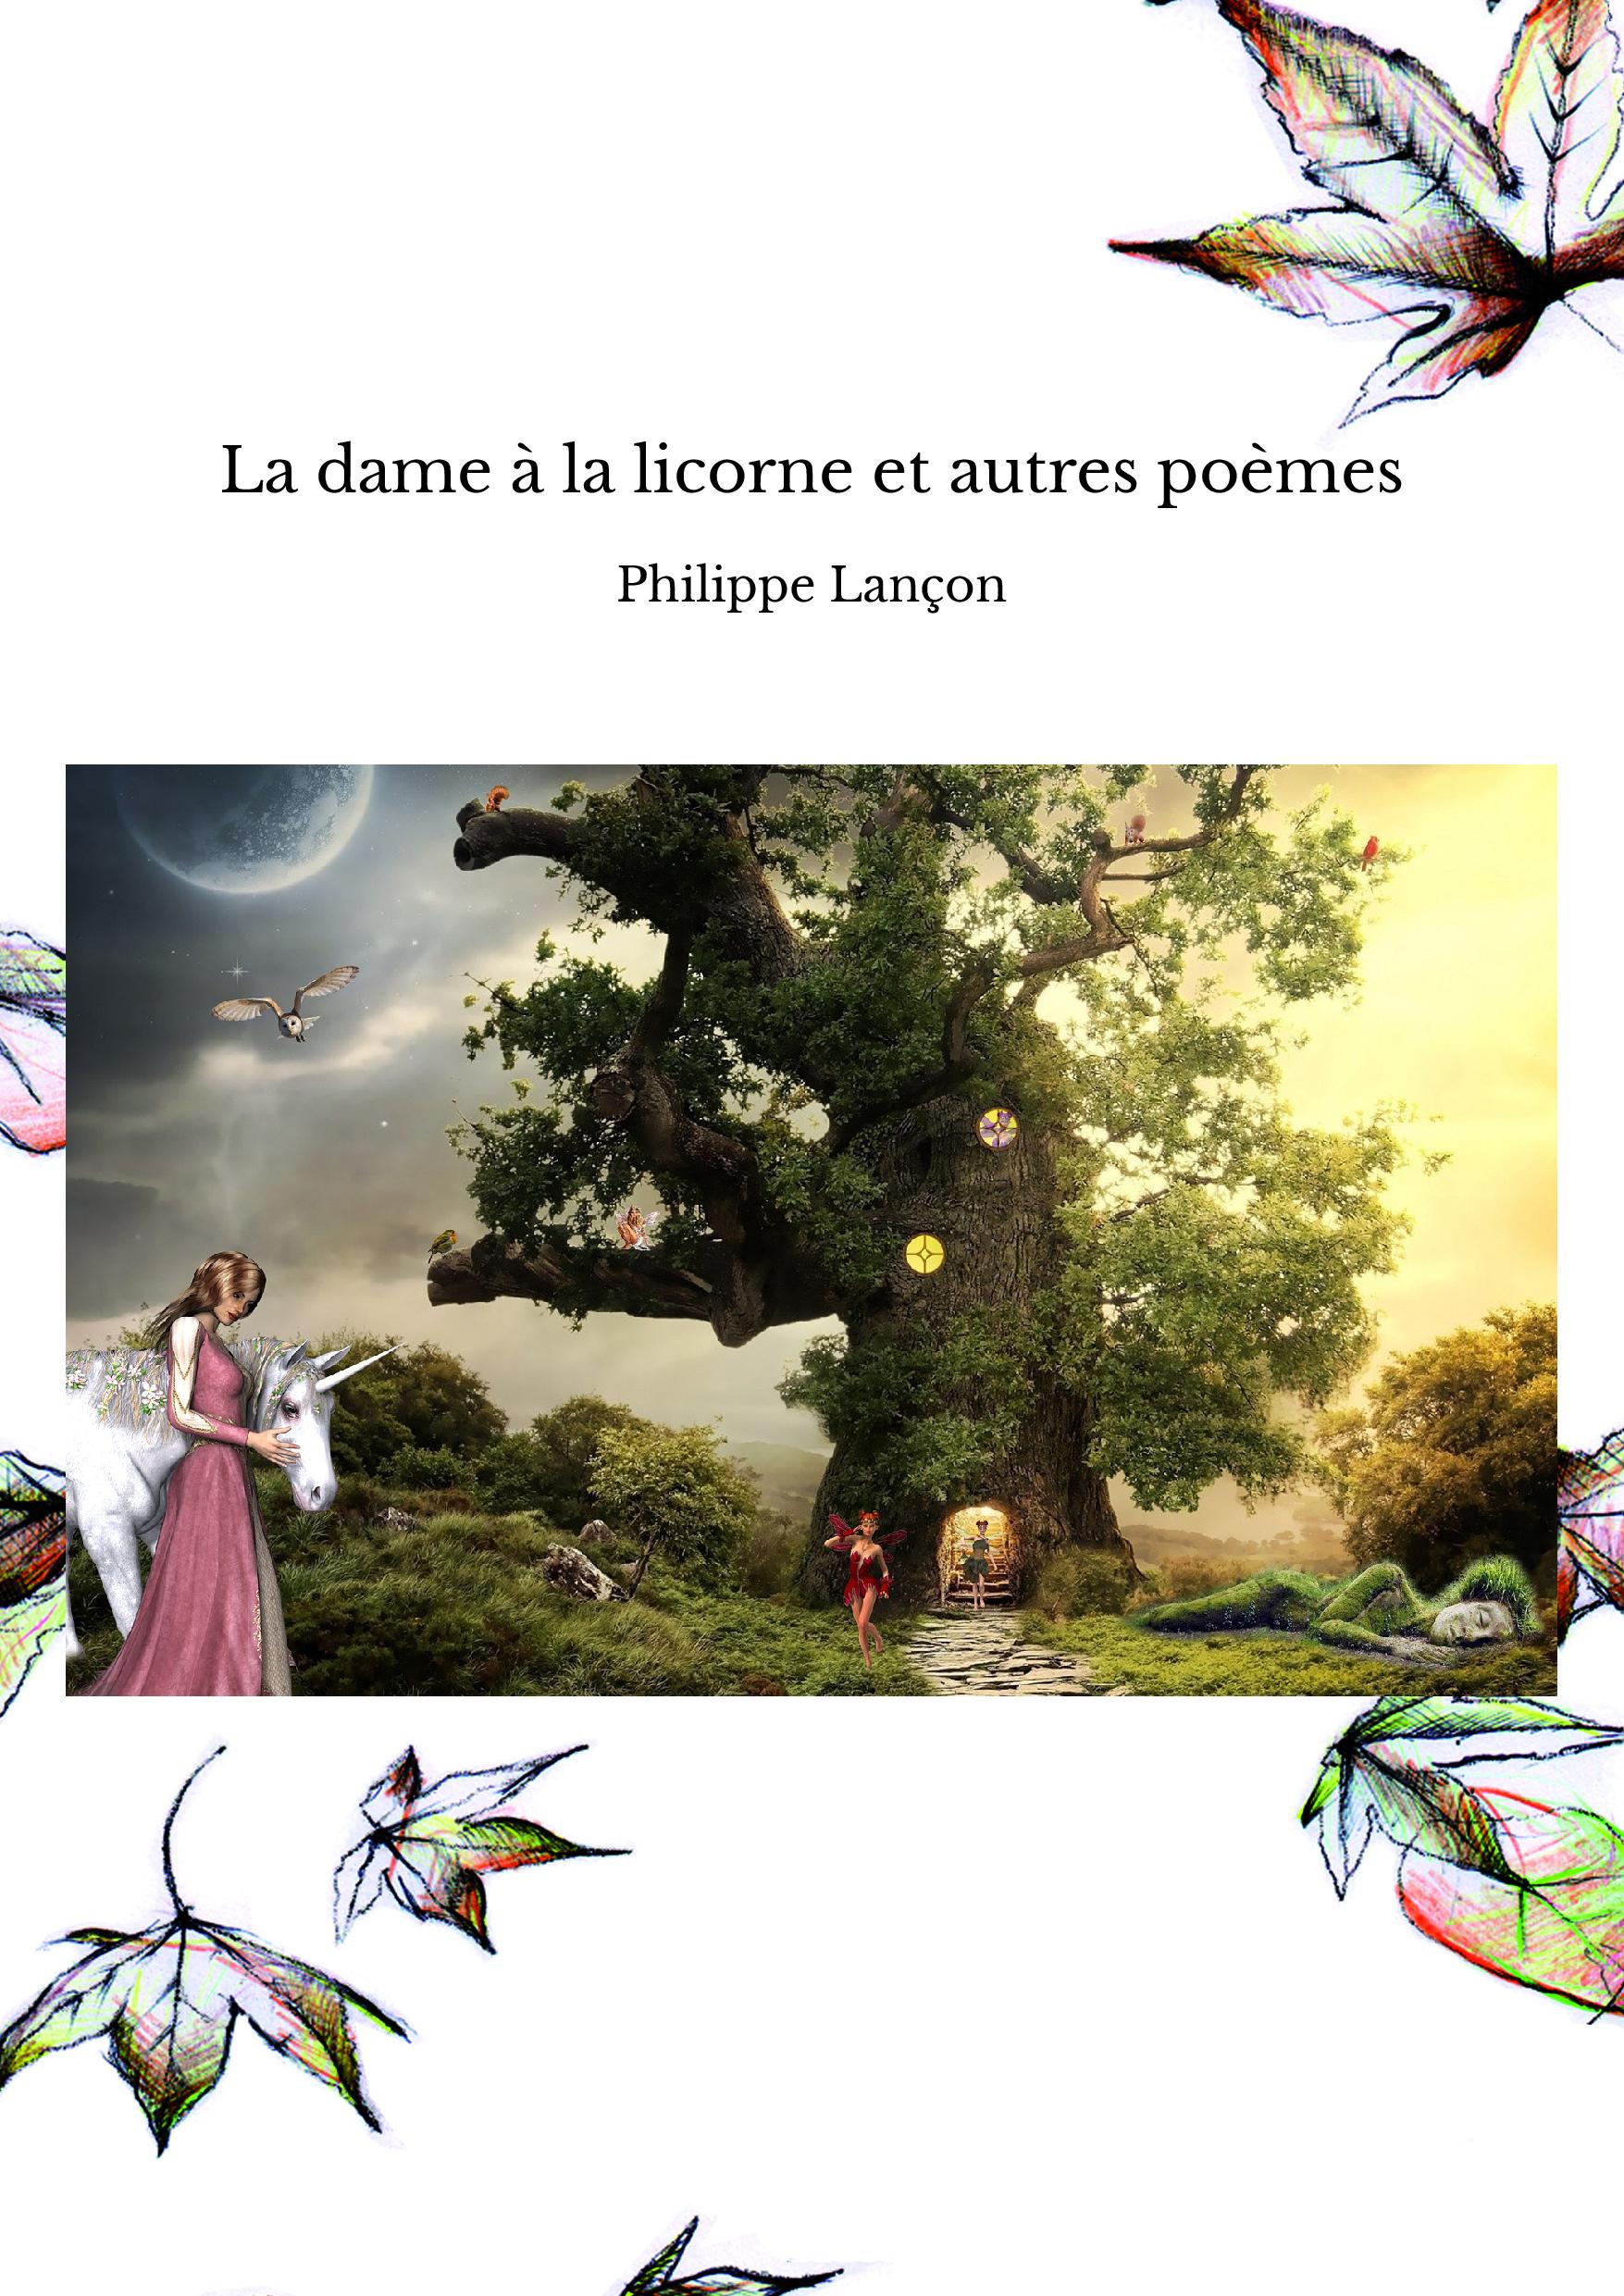 La dame à la licorne et autres poèmes